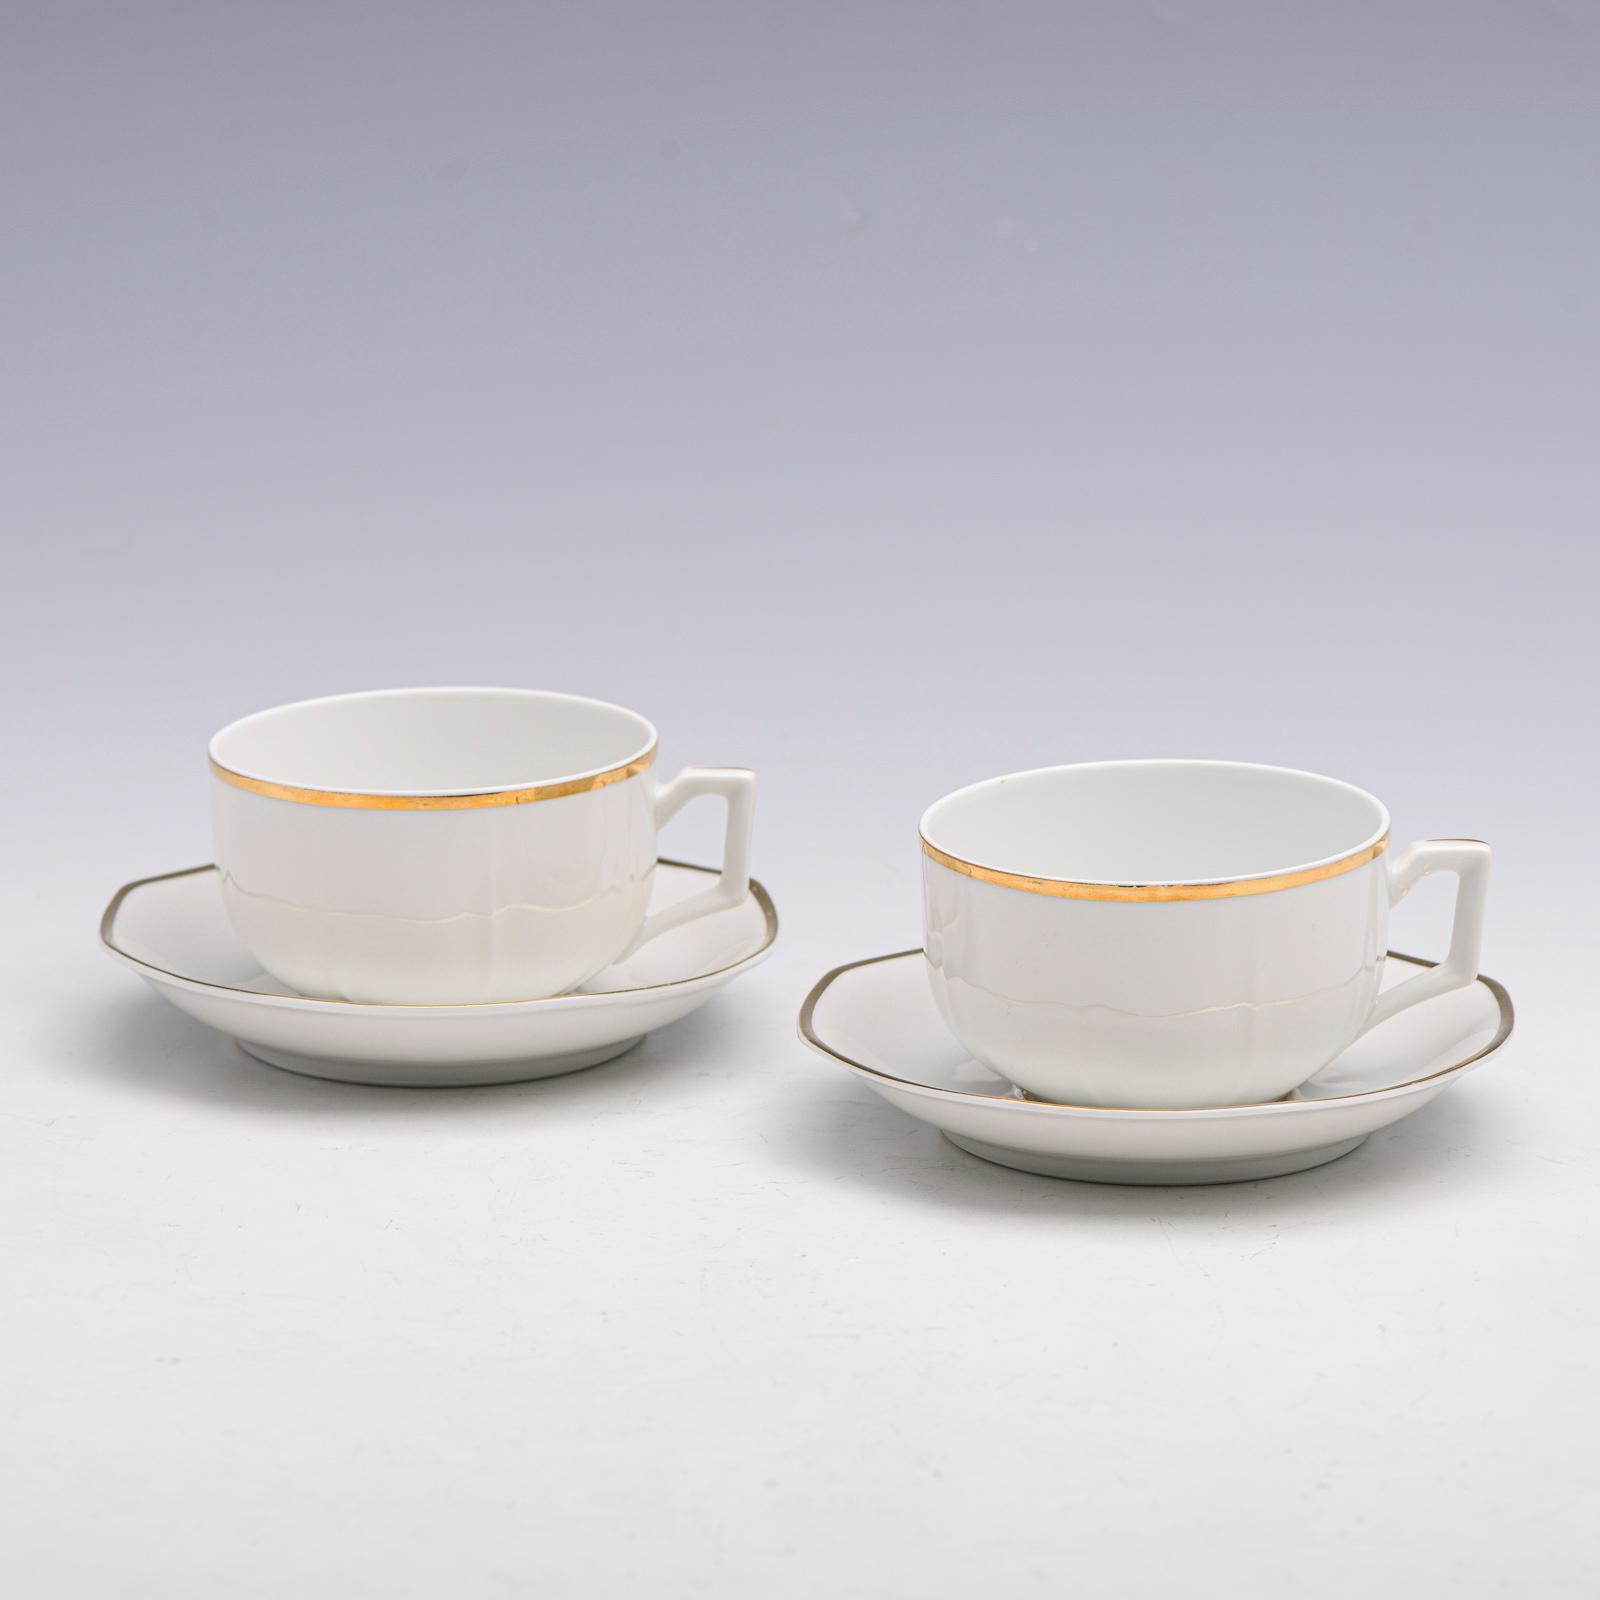 9 chávenas de chá e 11 pires em porcelana V.A.